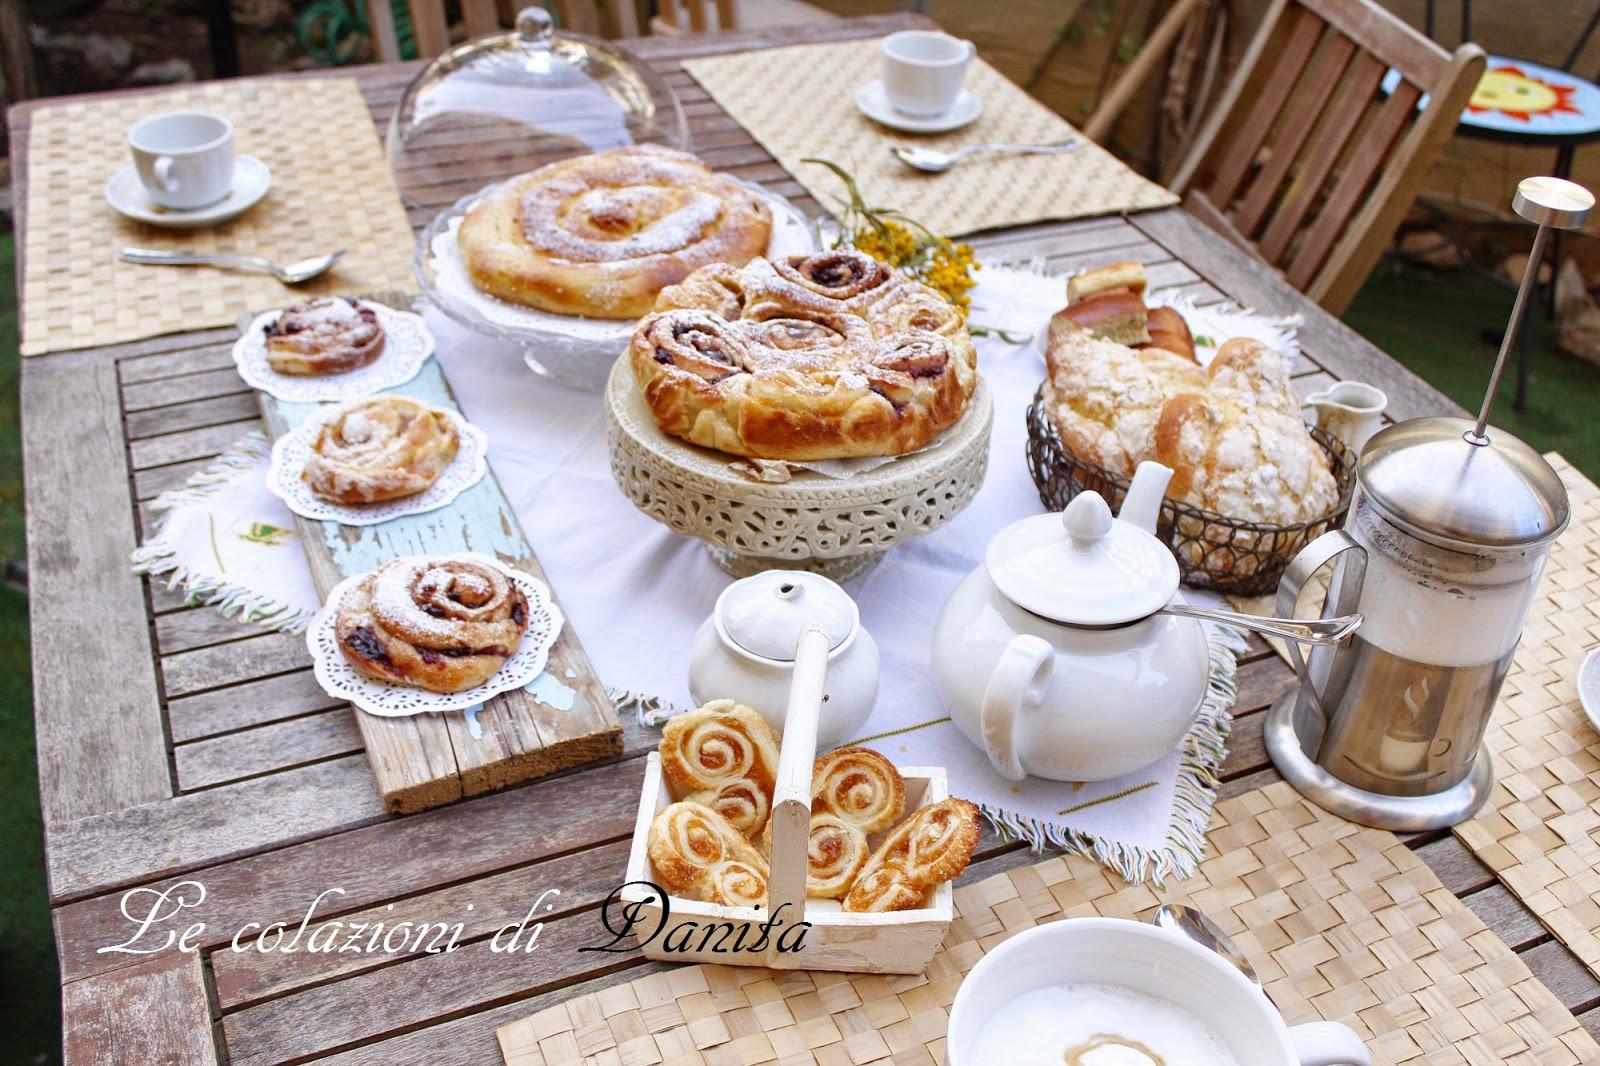 colazione da danita: benvenuta primavera!!